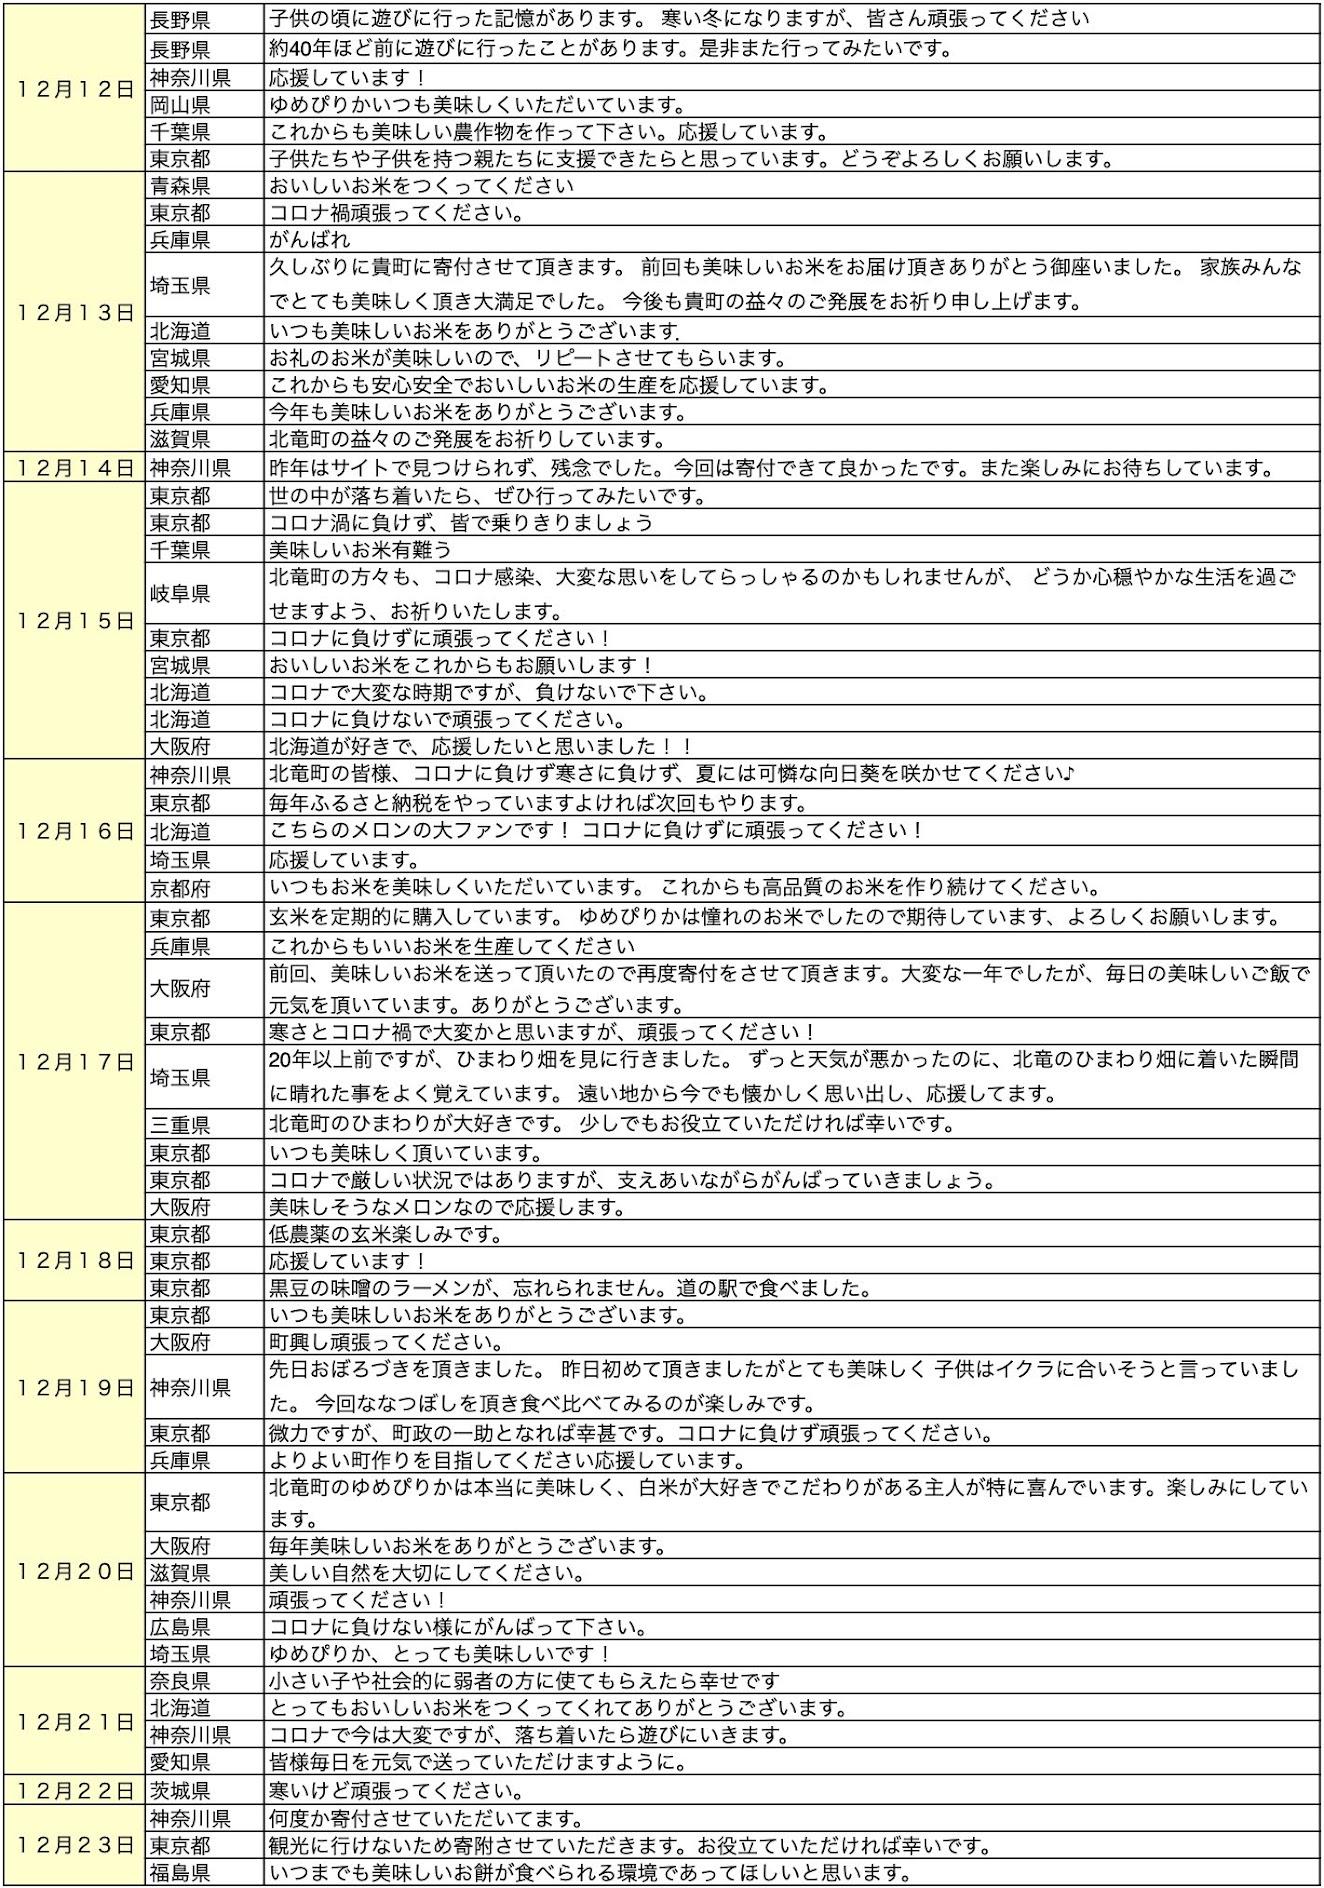 北竜町ふるさと納税・応援メッセージ(2020年12月分)2ページ